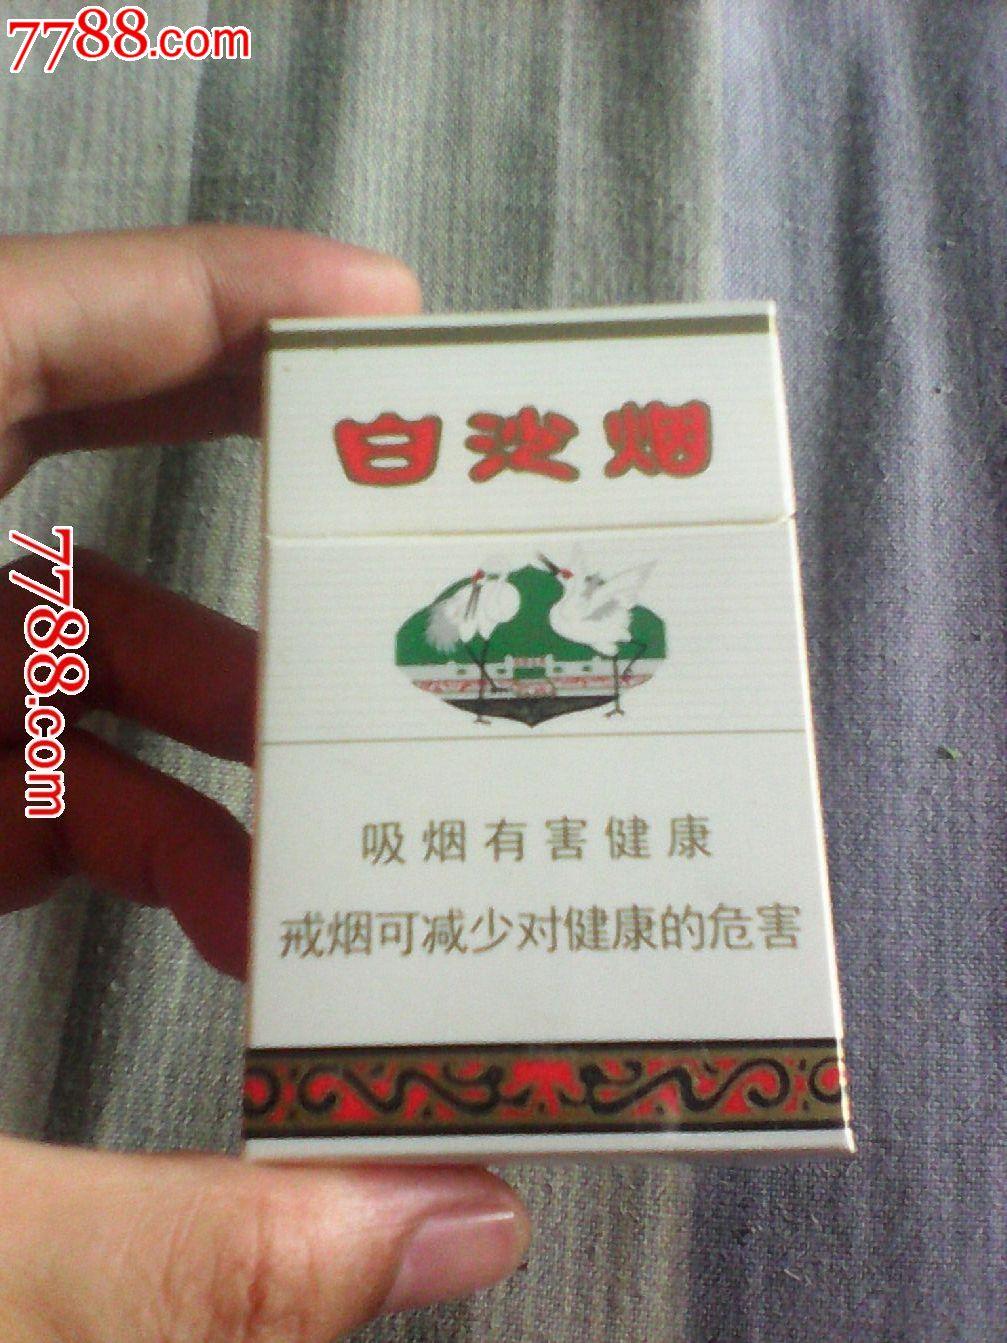 叼烟的卡通头像-QQ头像图片大全